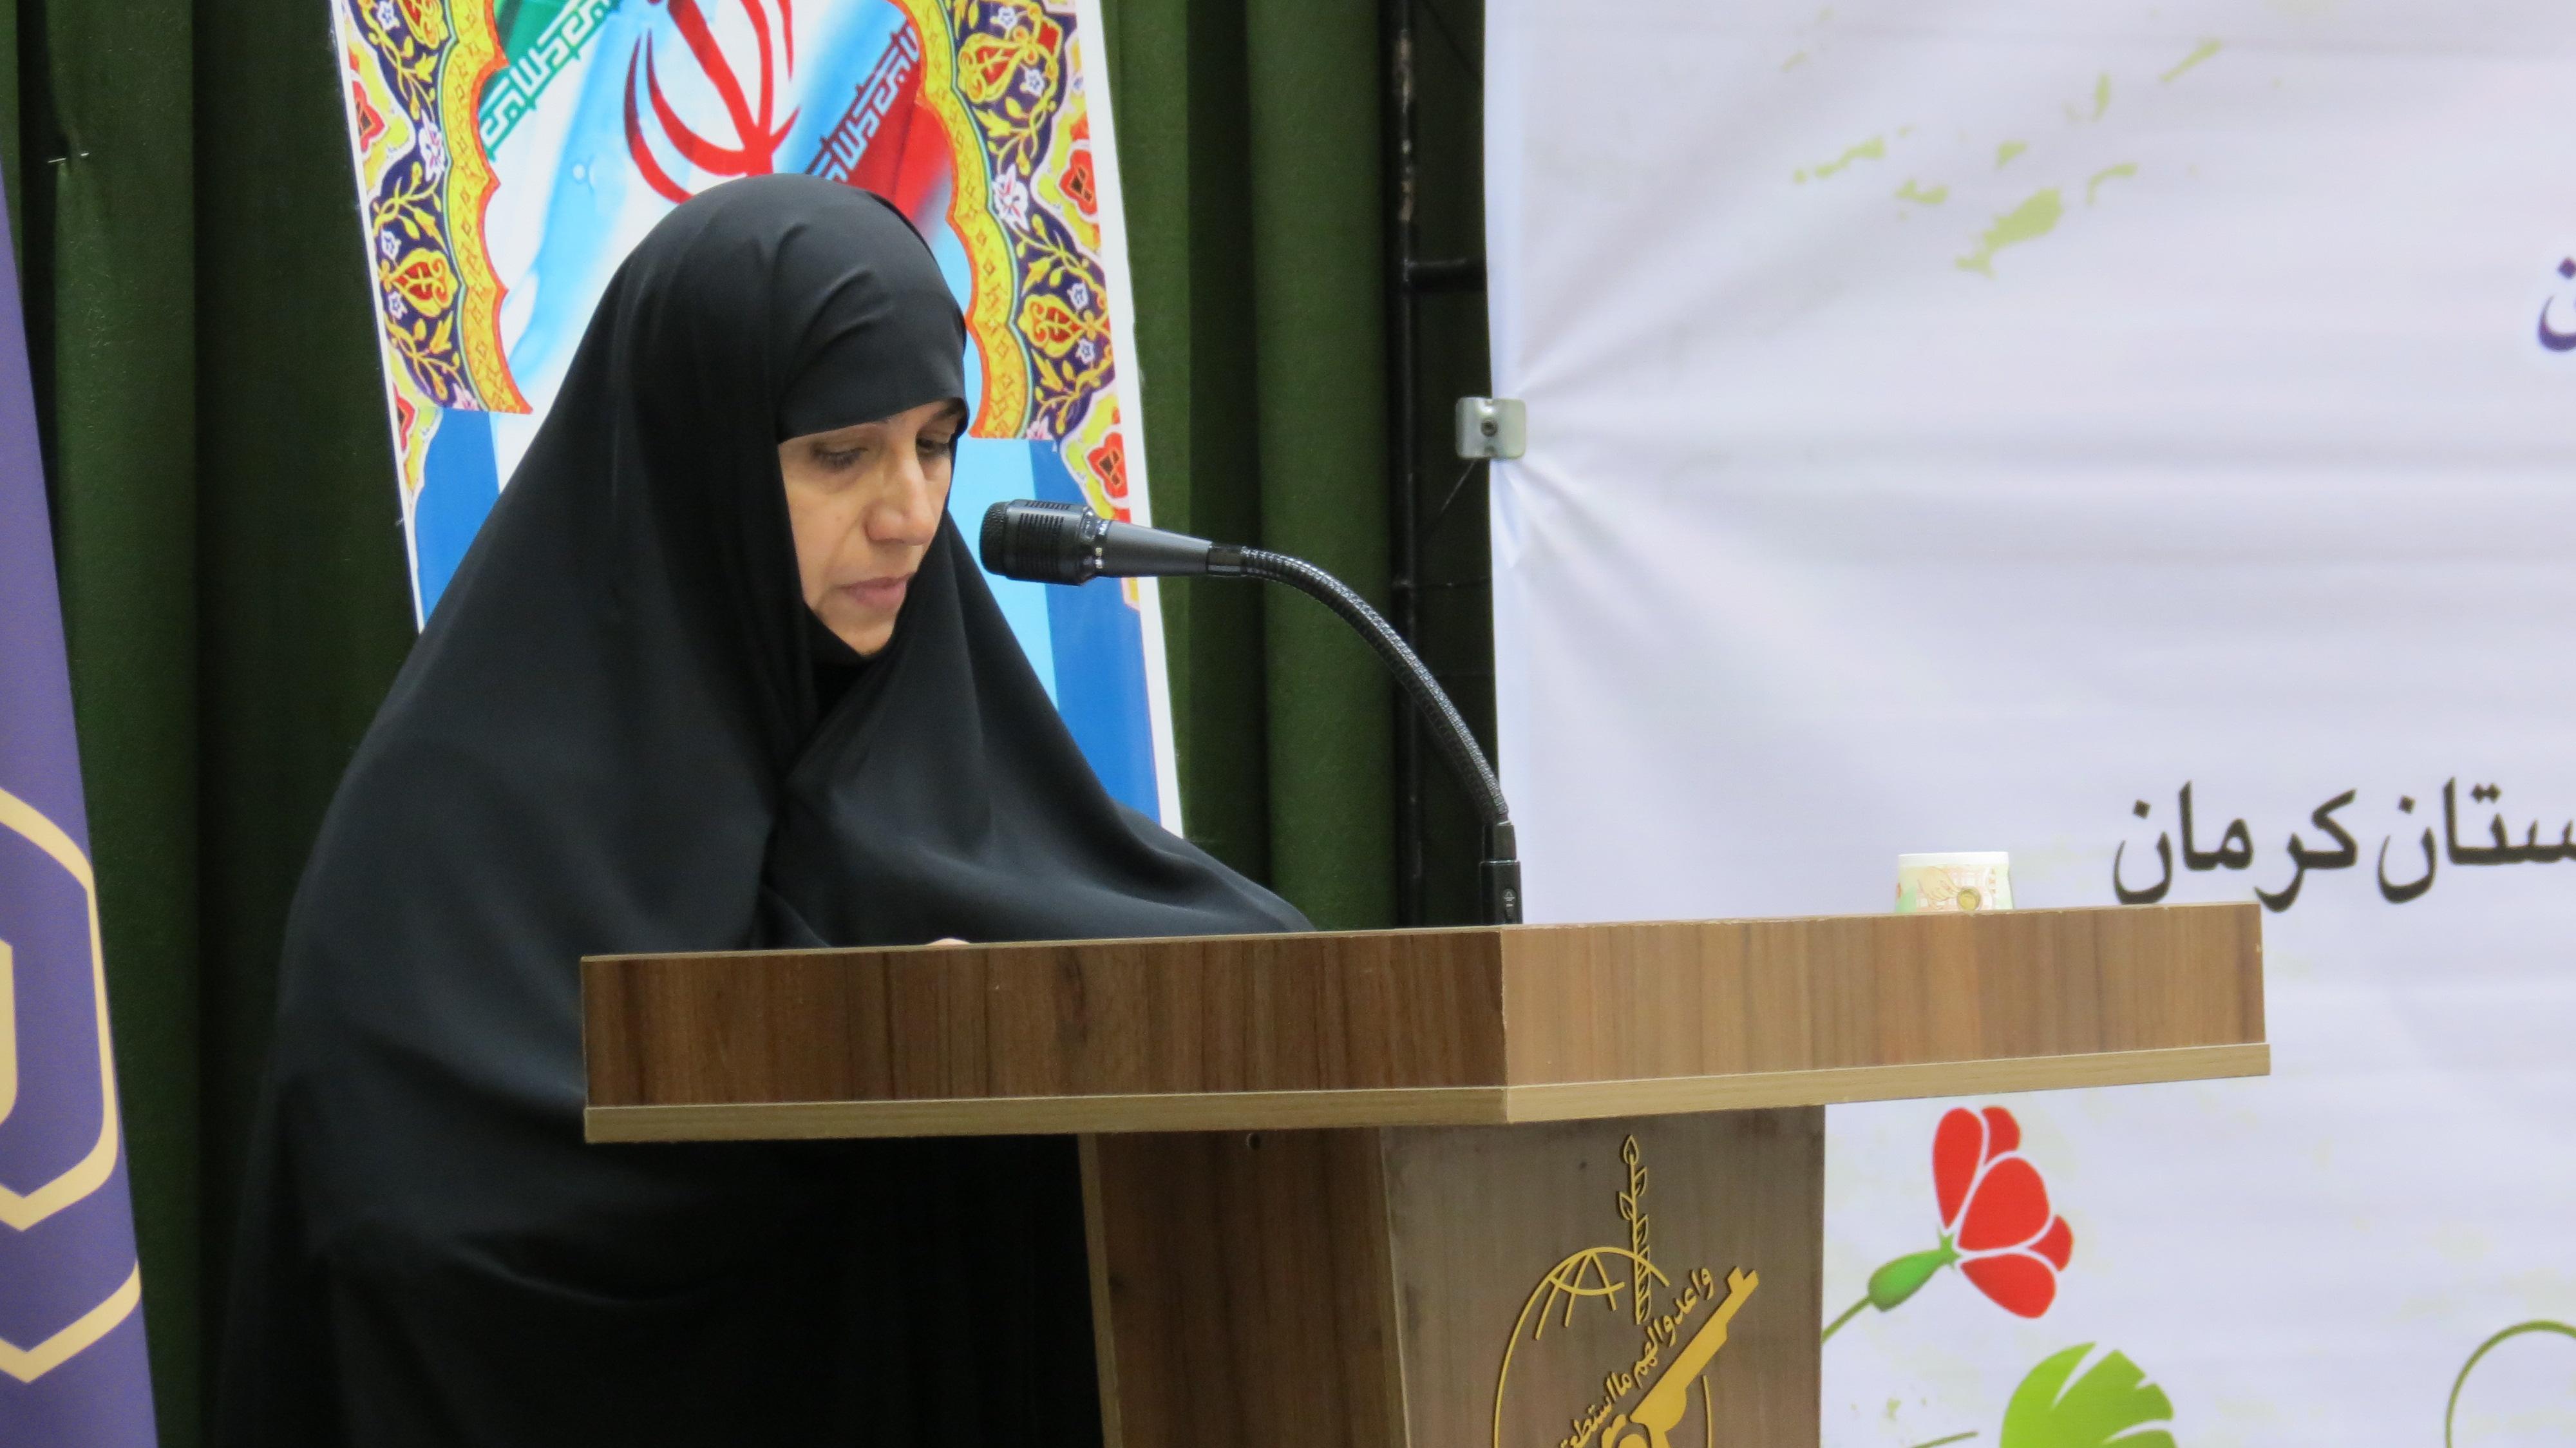 خانم محمدی مدیر حوزه علمیه خواهران استان کرمان